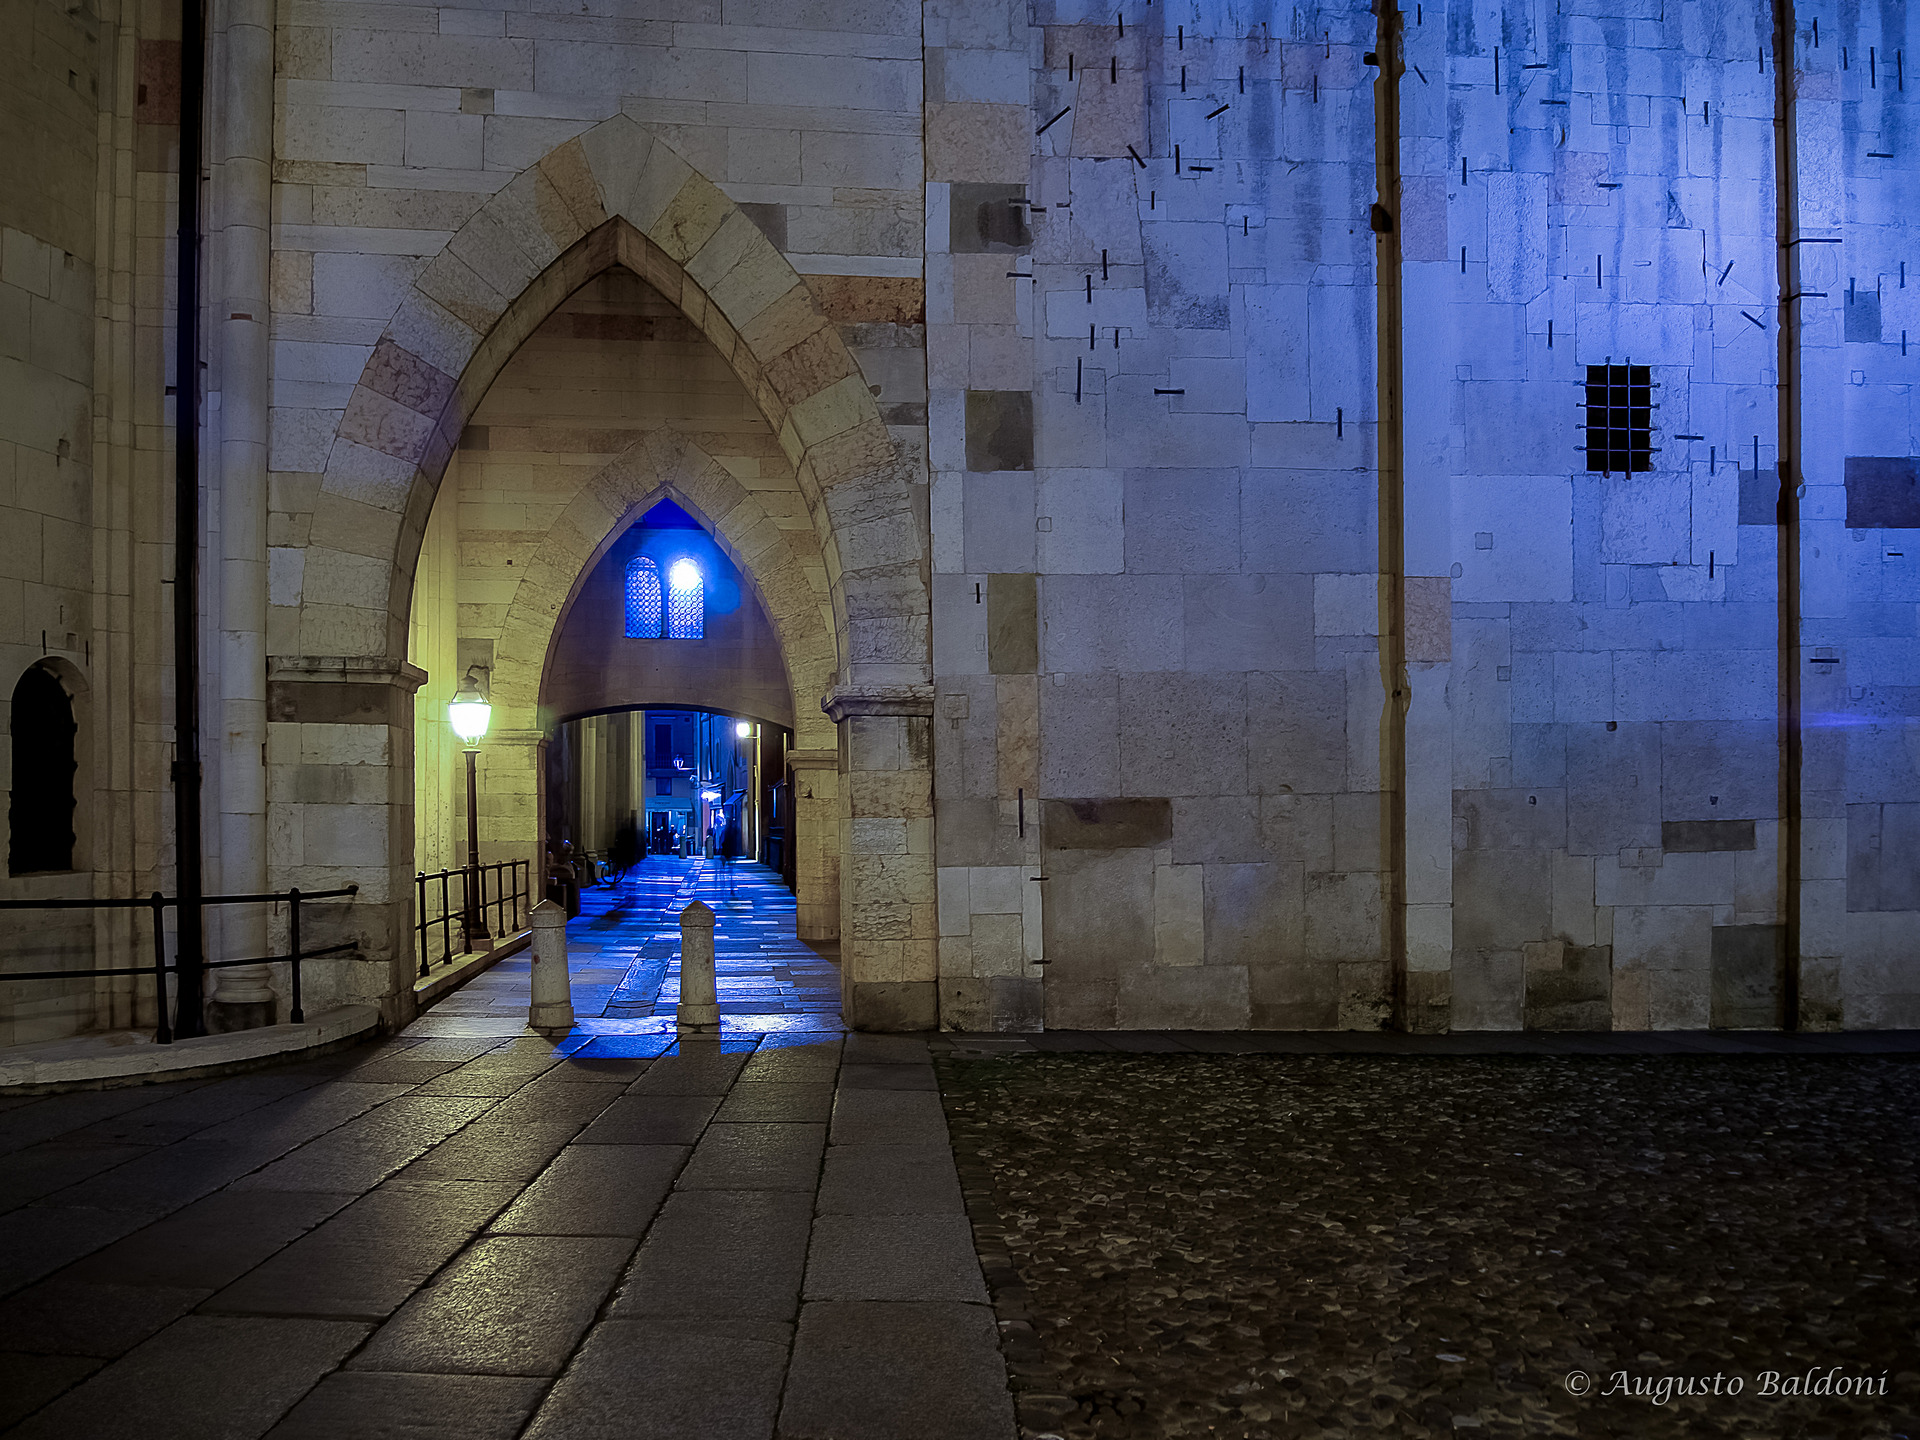 MODENA - Particolare del Duomo